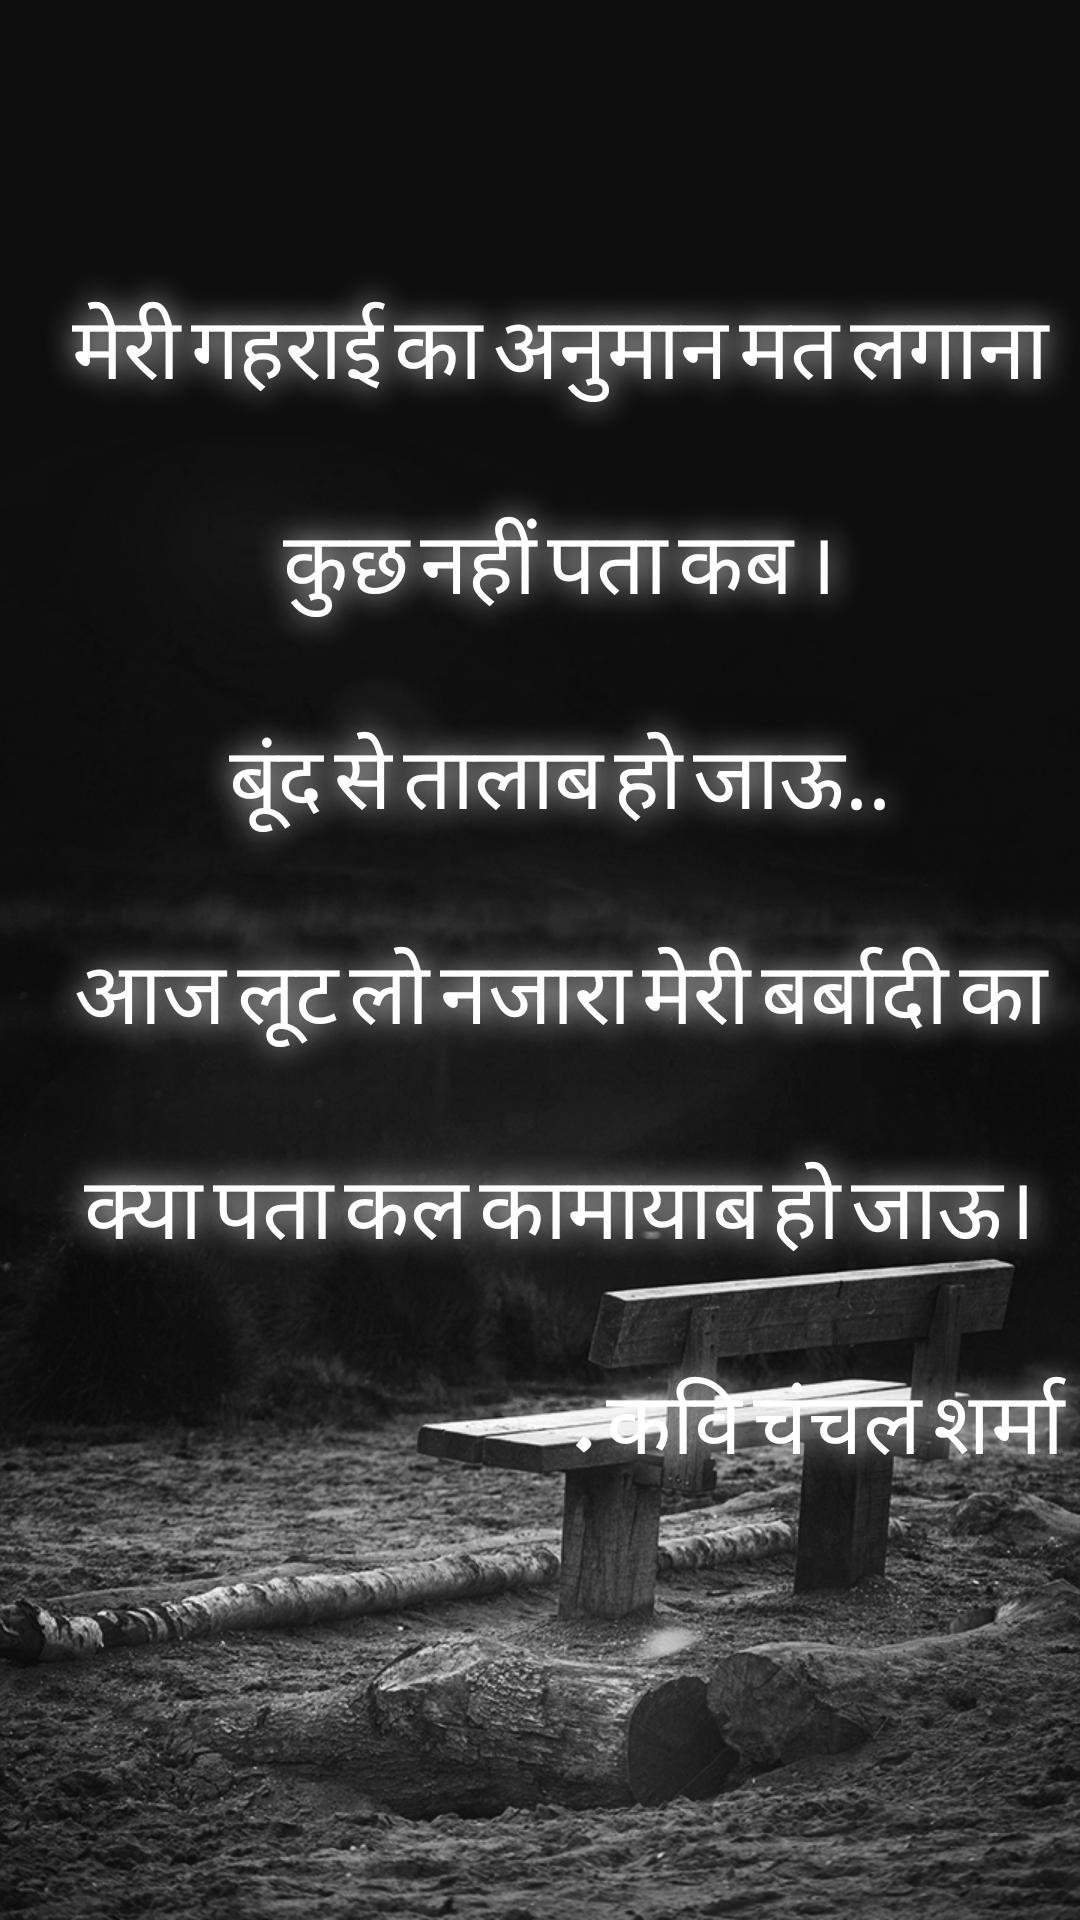 मेरी गहराई का अनुमान मत लगाना कुछ नहीं पता कब । बूंद से तालाब हो जाऊ.. आज लूट लो नजारा मेरी बर्बादी का क्या पता कल कामायाब हो जाऊ।                                                . कवि चंचल शर्मा